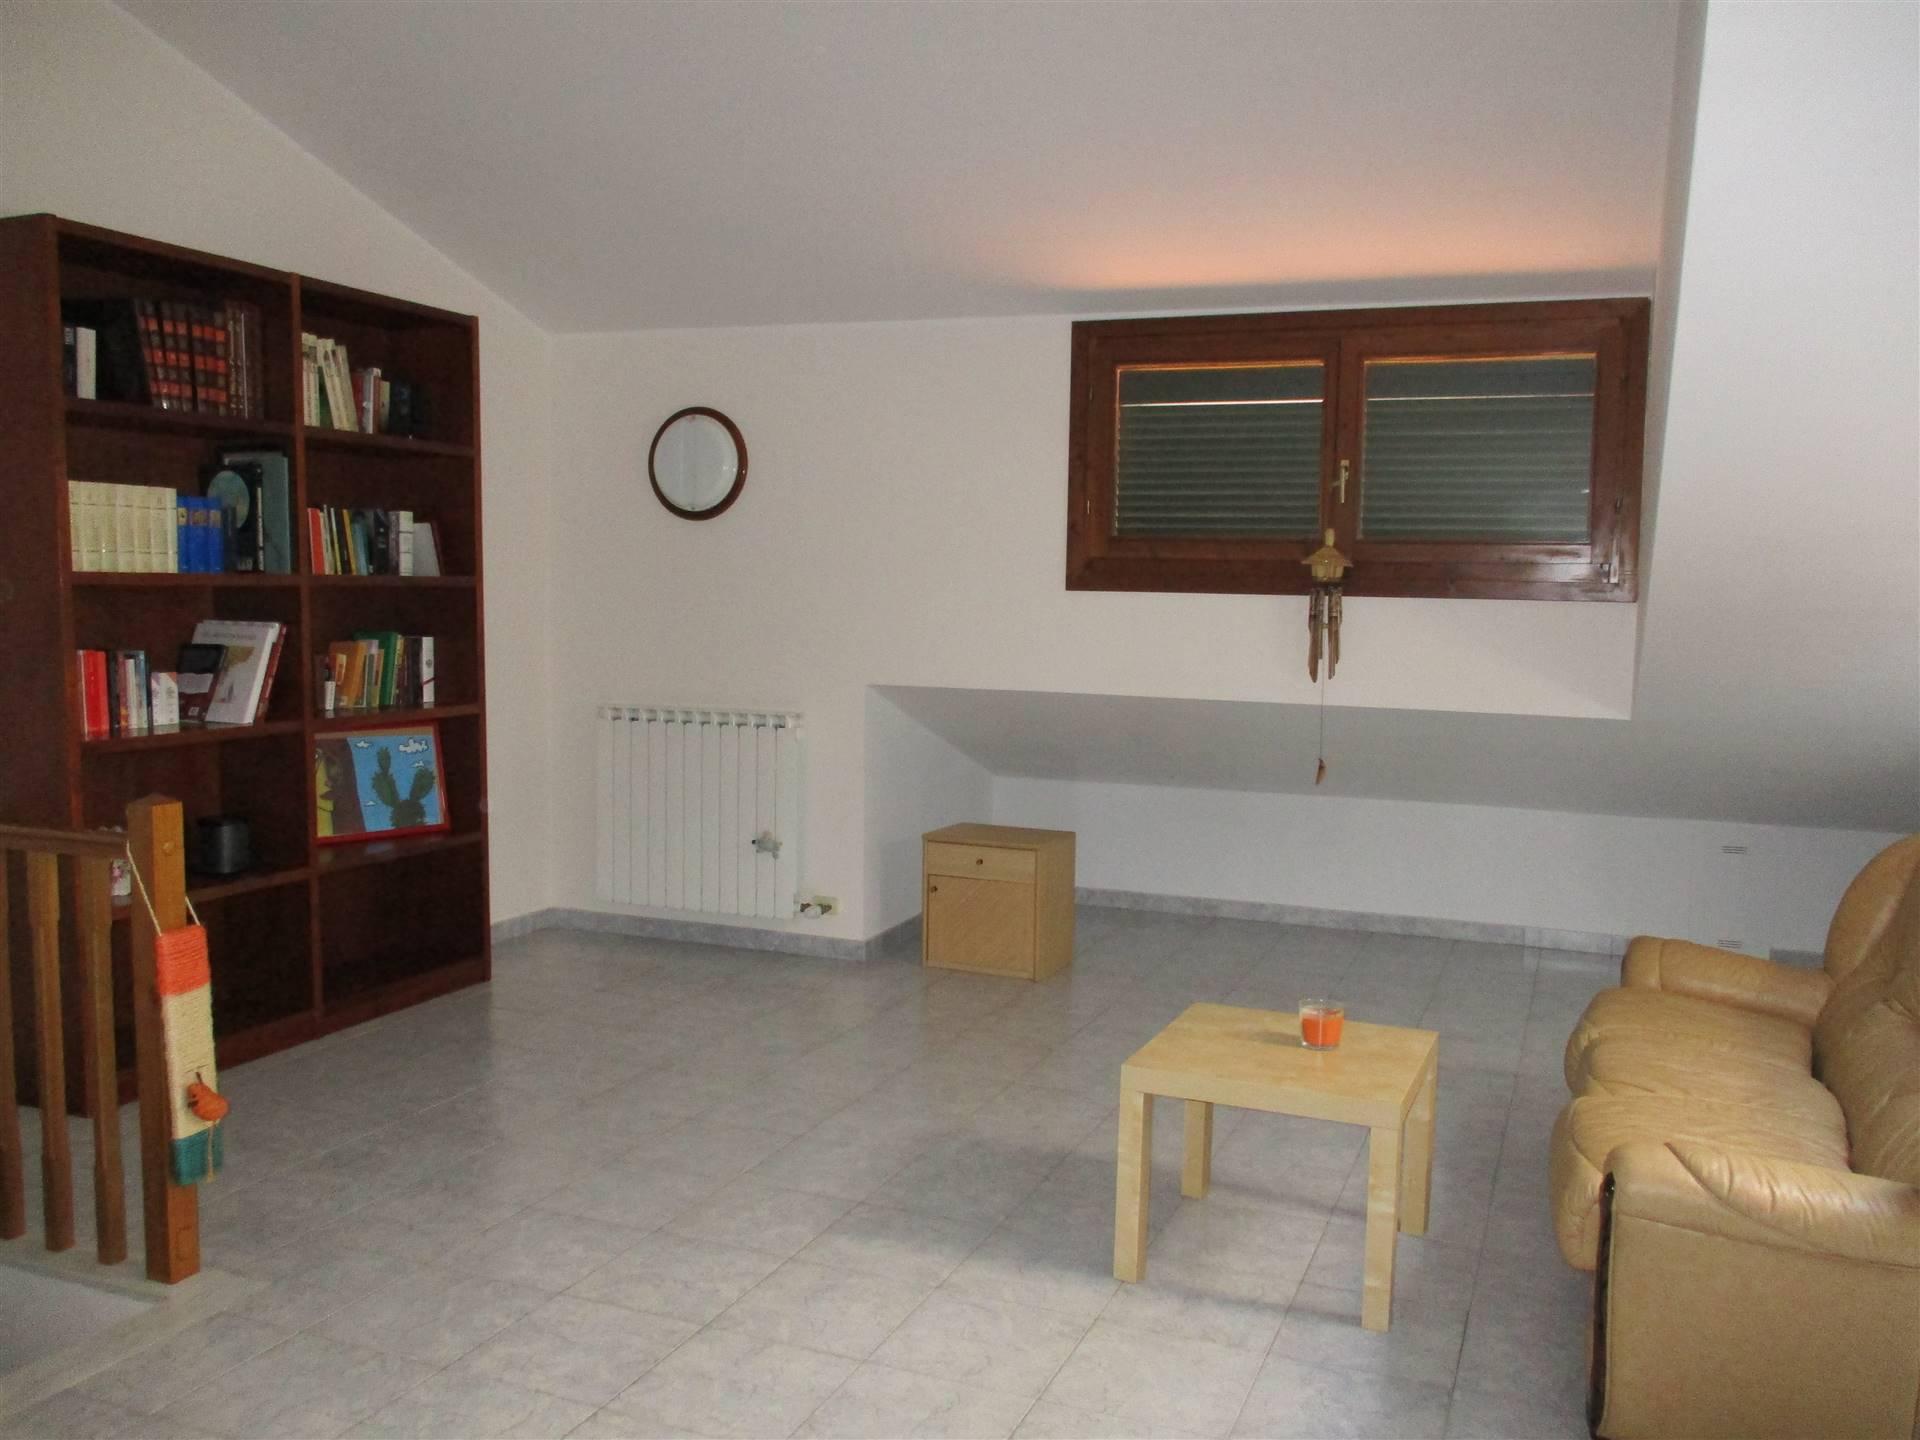 Appartamento in Vendita a Campi bisenzio zona San martino - immagine 13